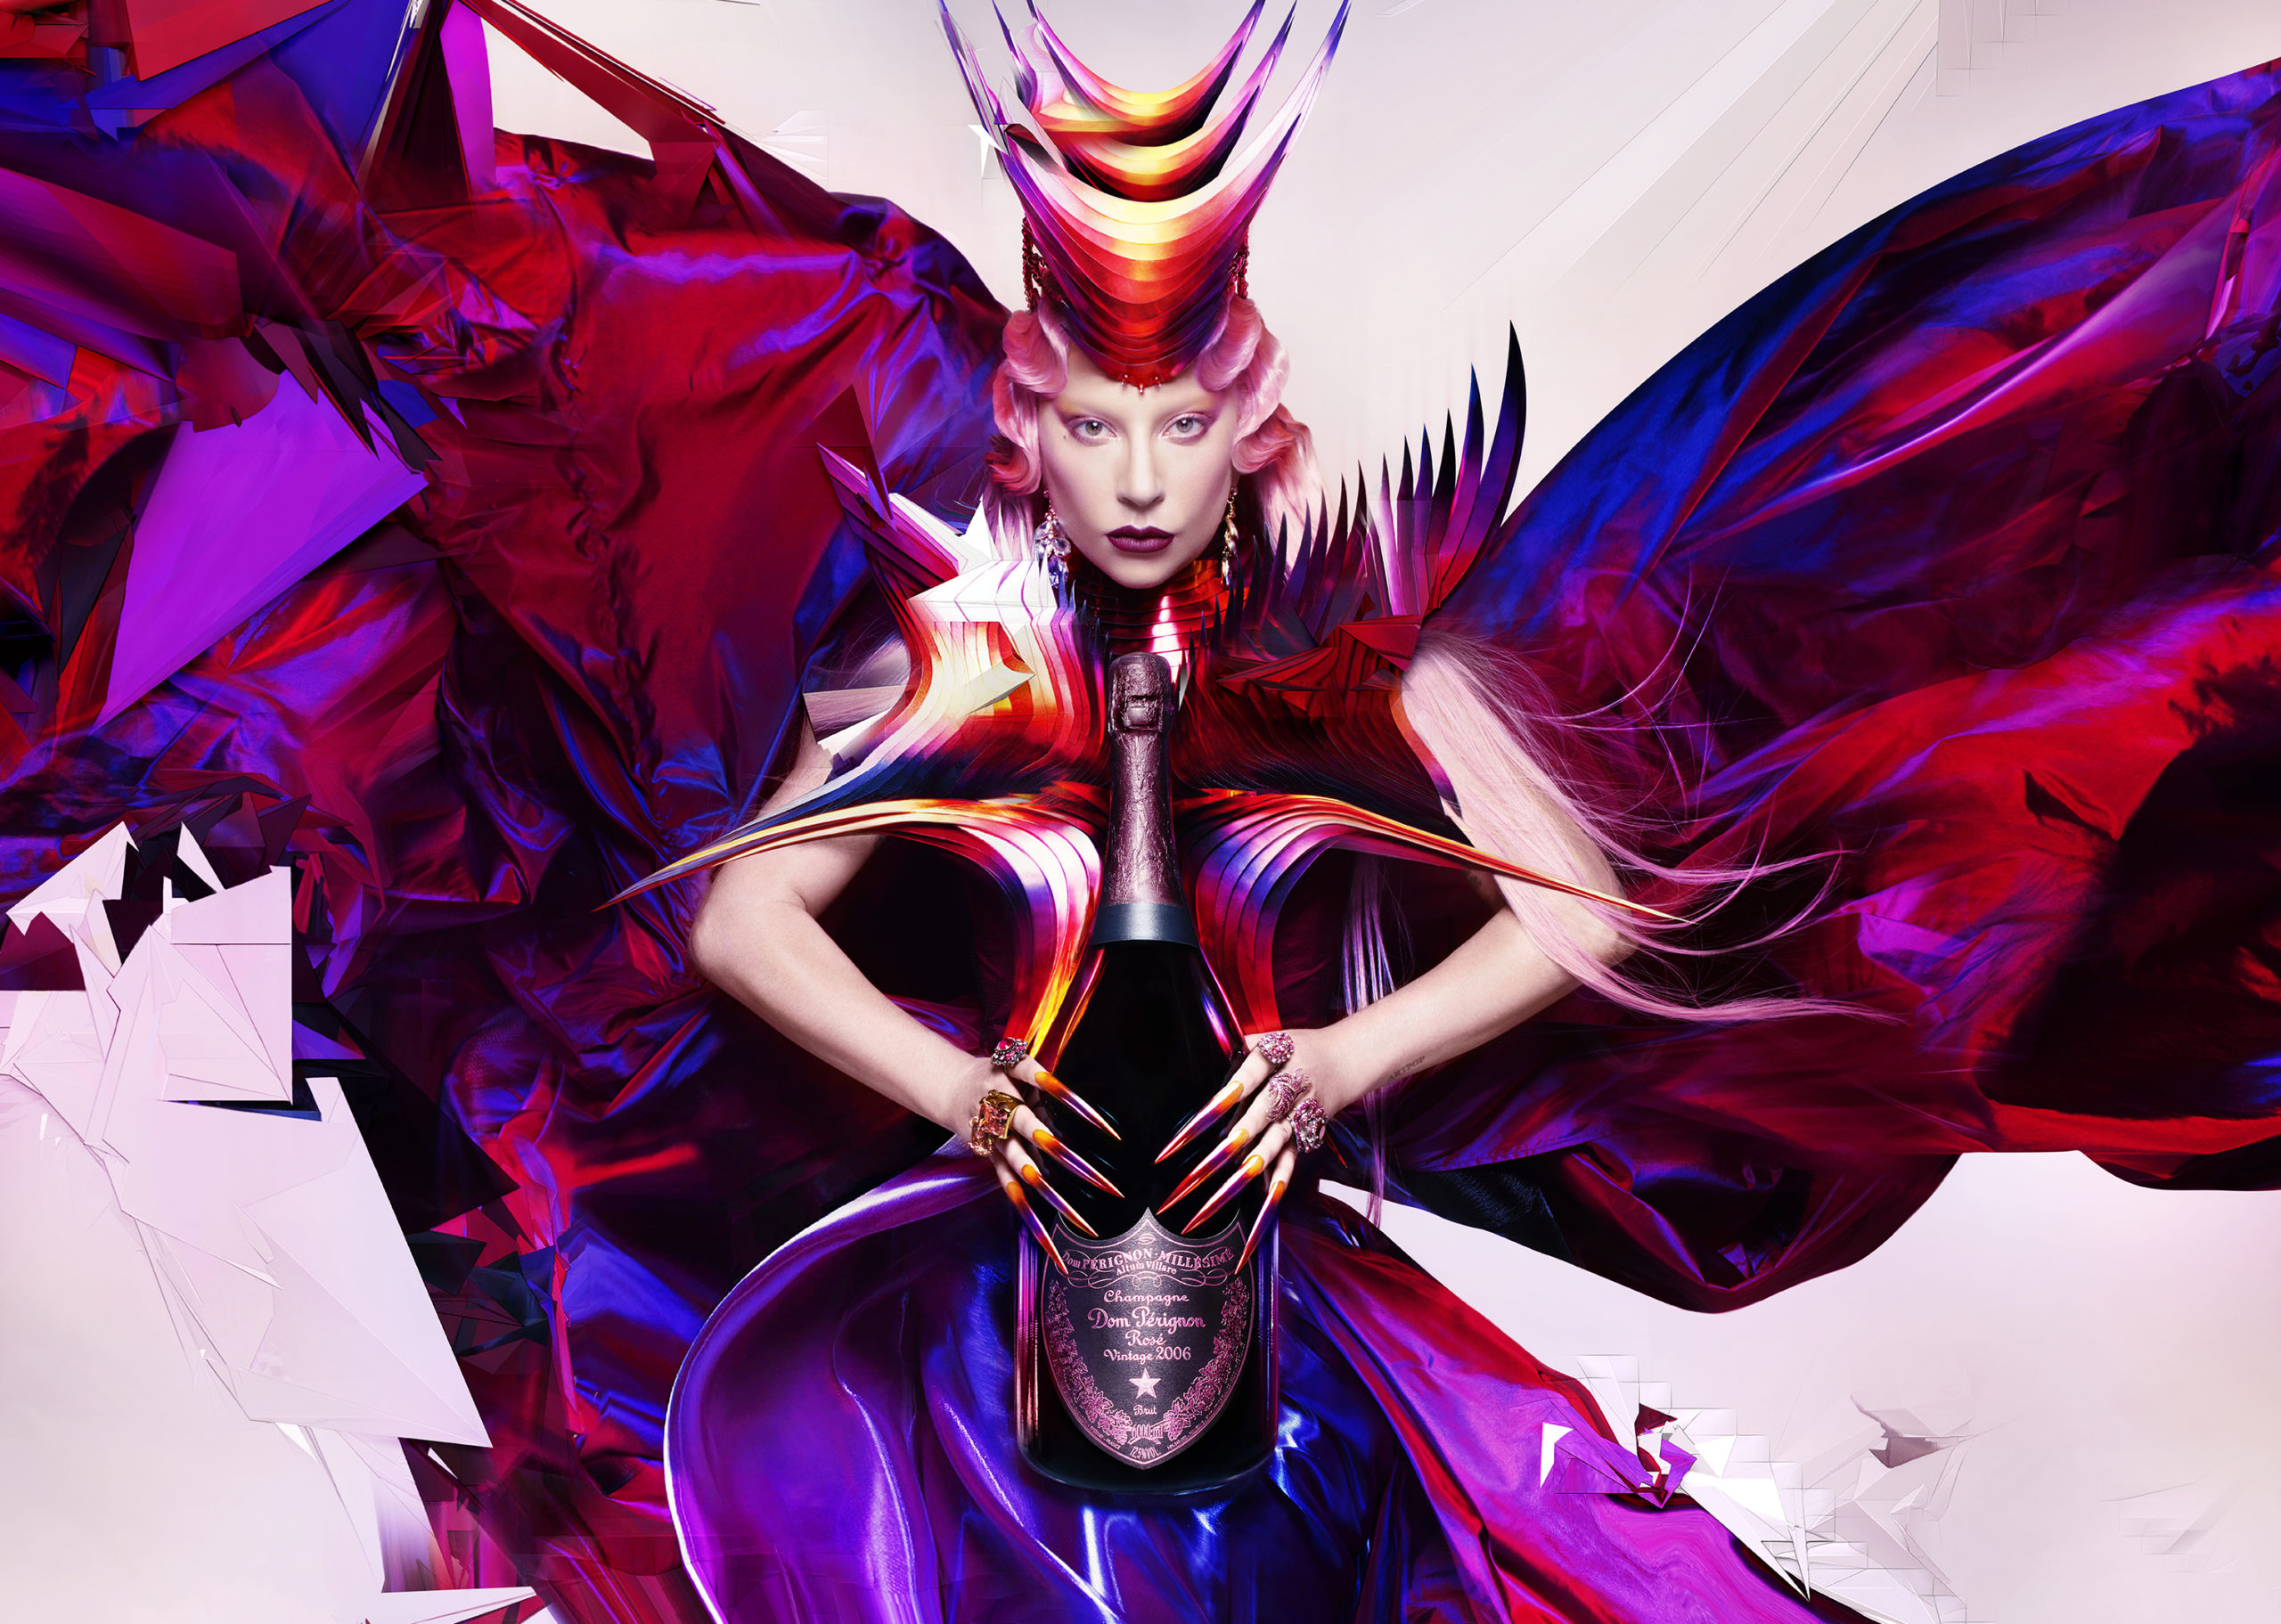 Der gesamte Erlös der exklusiven Objekte geht an Lady Gagas